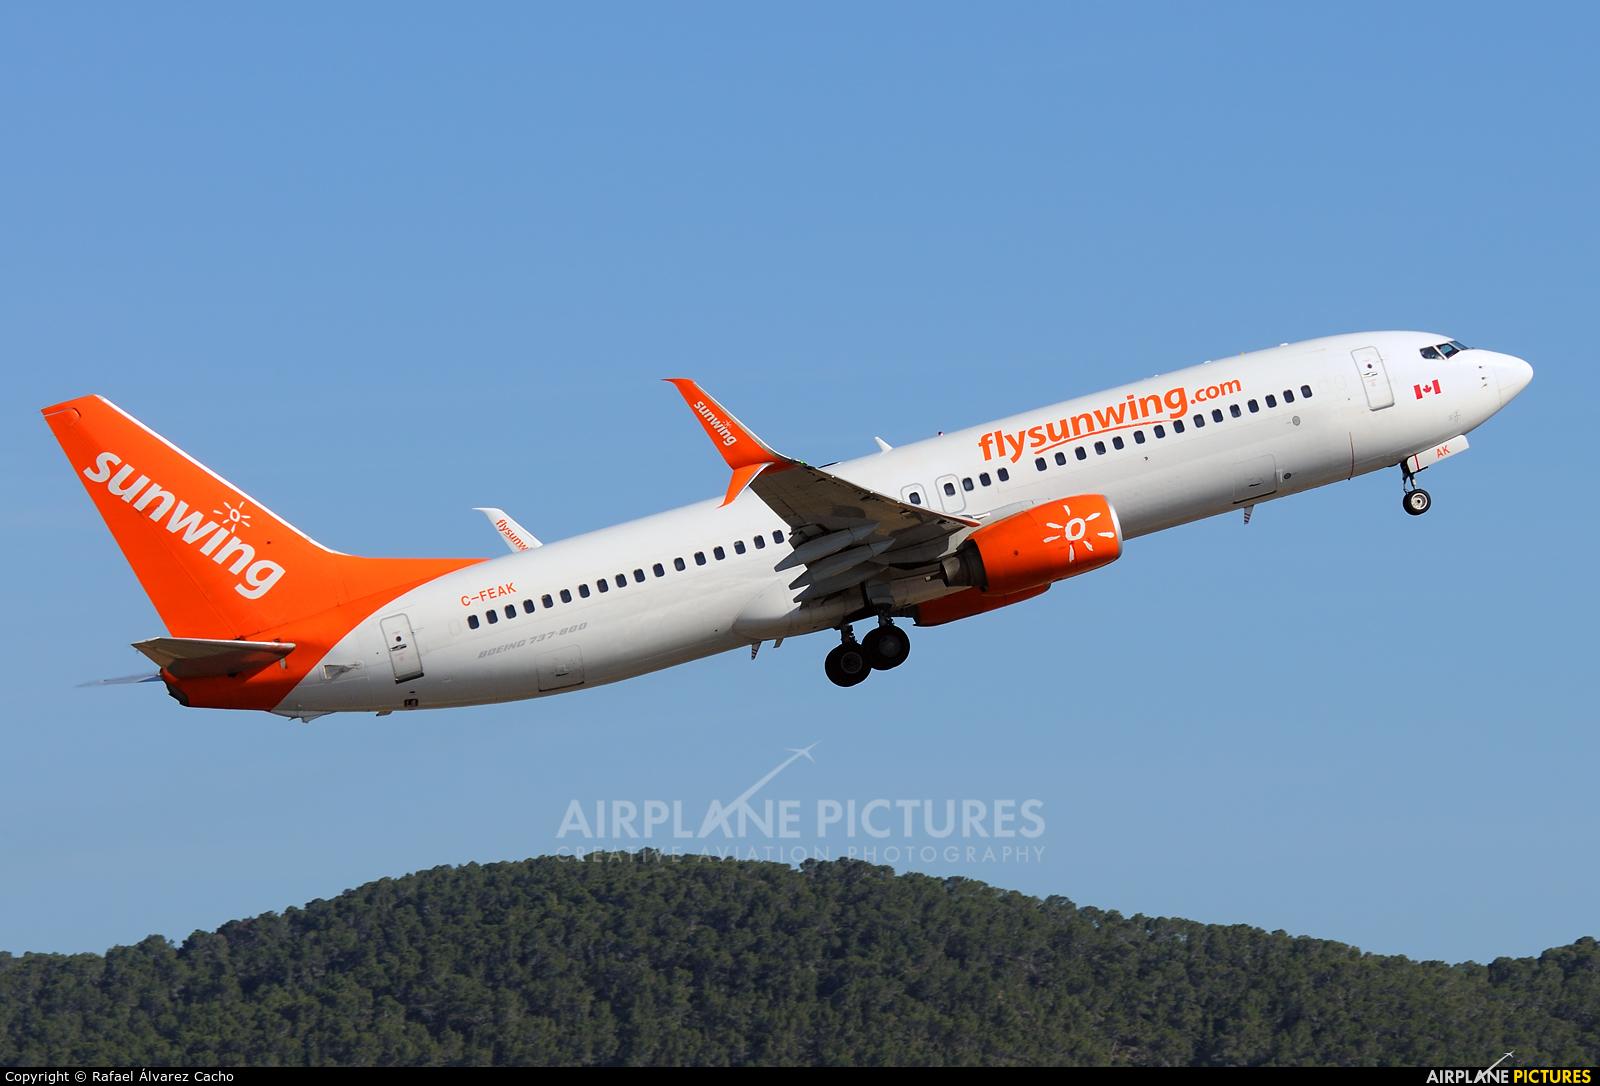 Sunwing Airlines C-FEAK aircraft at Ibiza